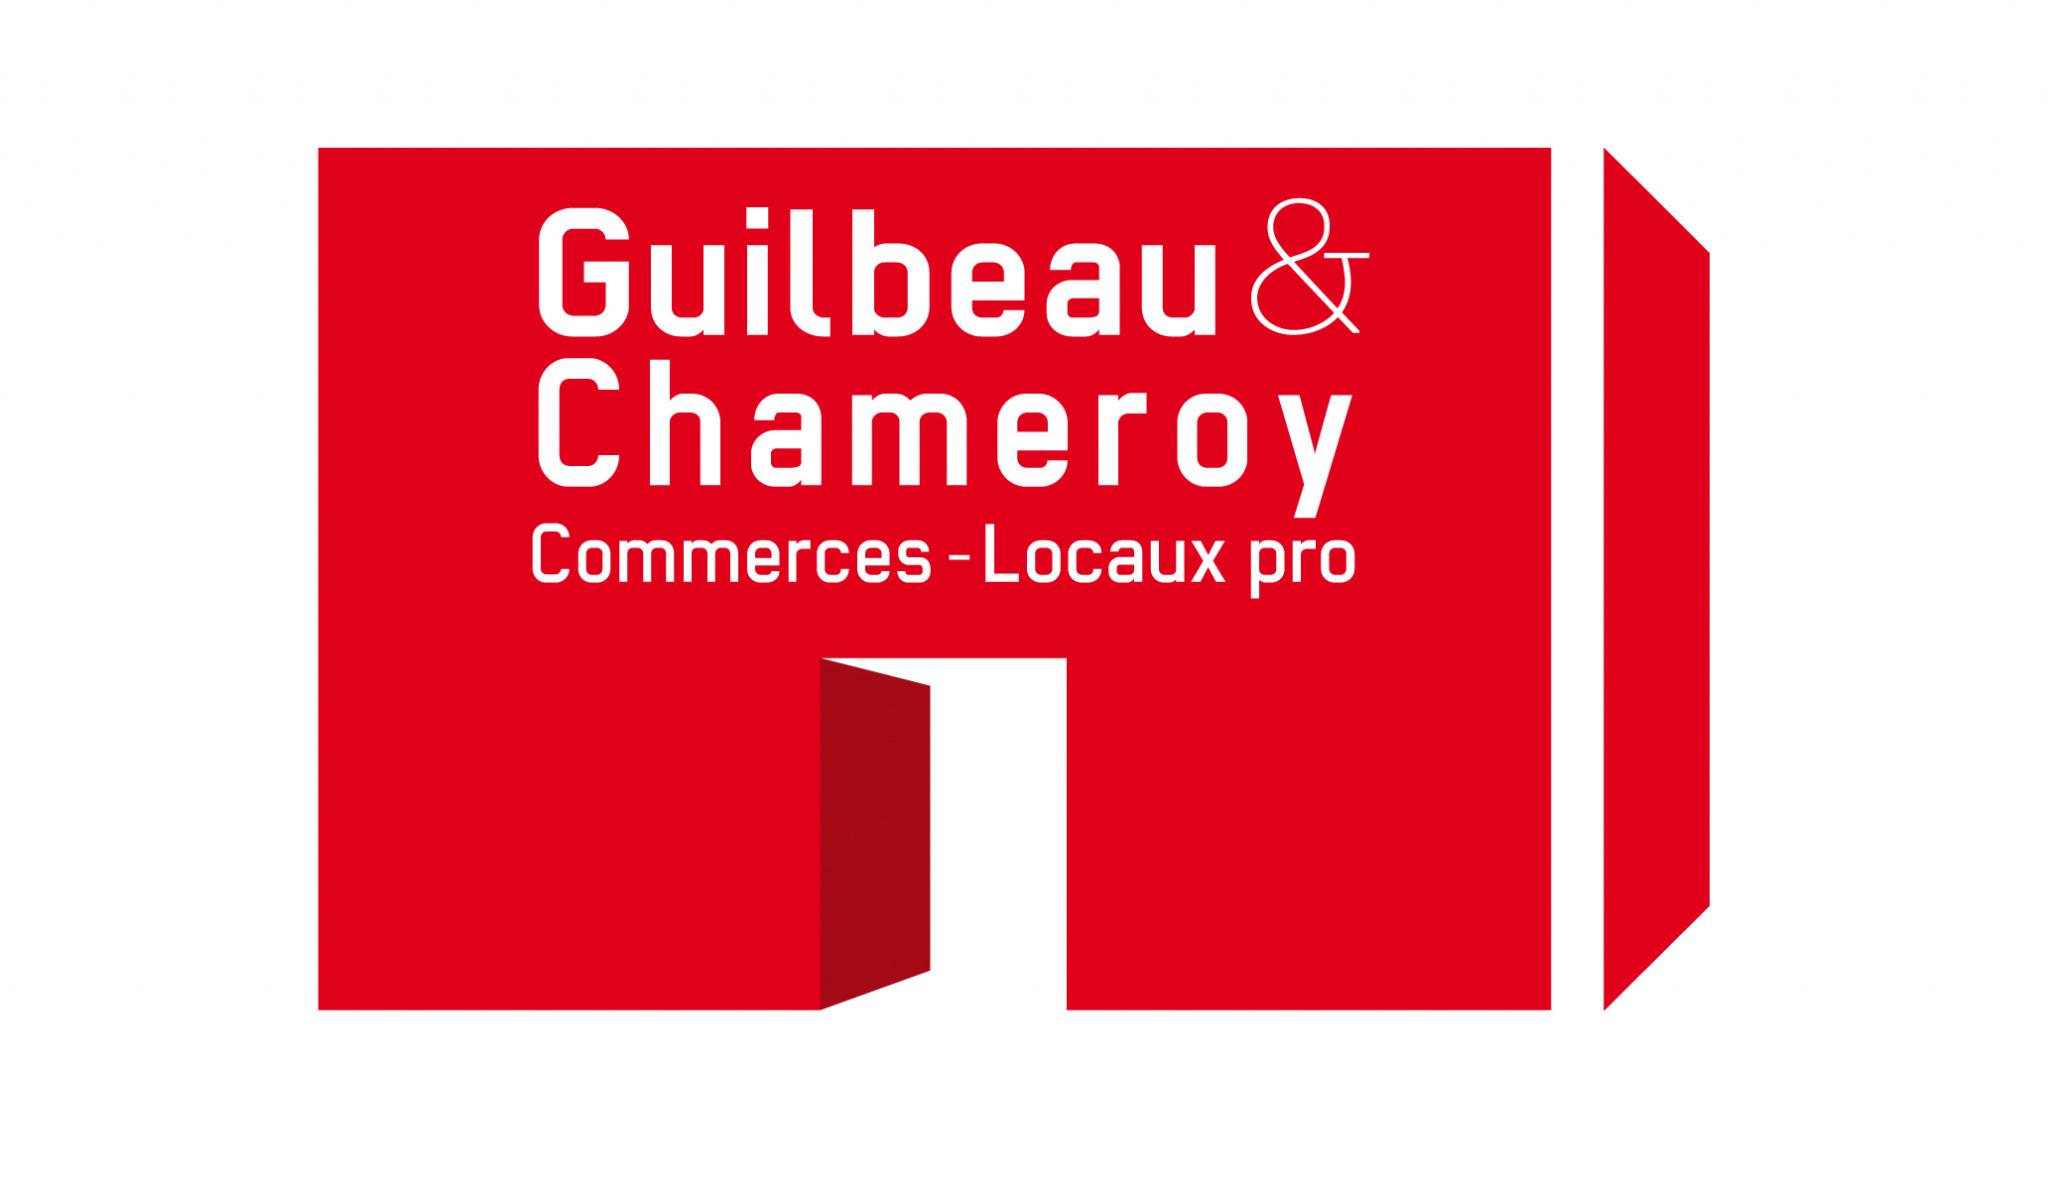 BELLE BOUTIQUE FLEURISTE - Boutique et Magasin